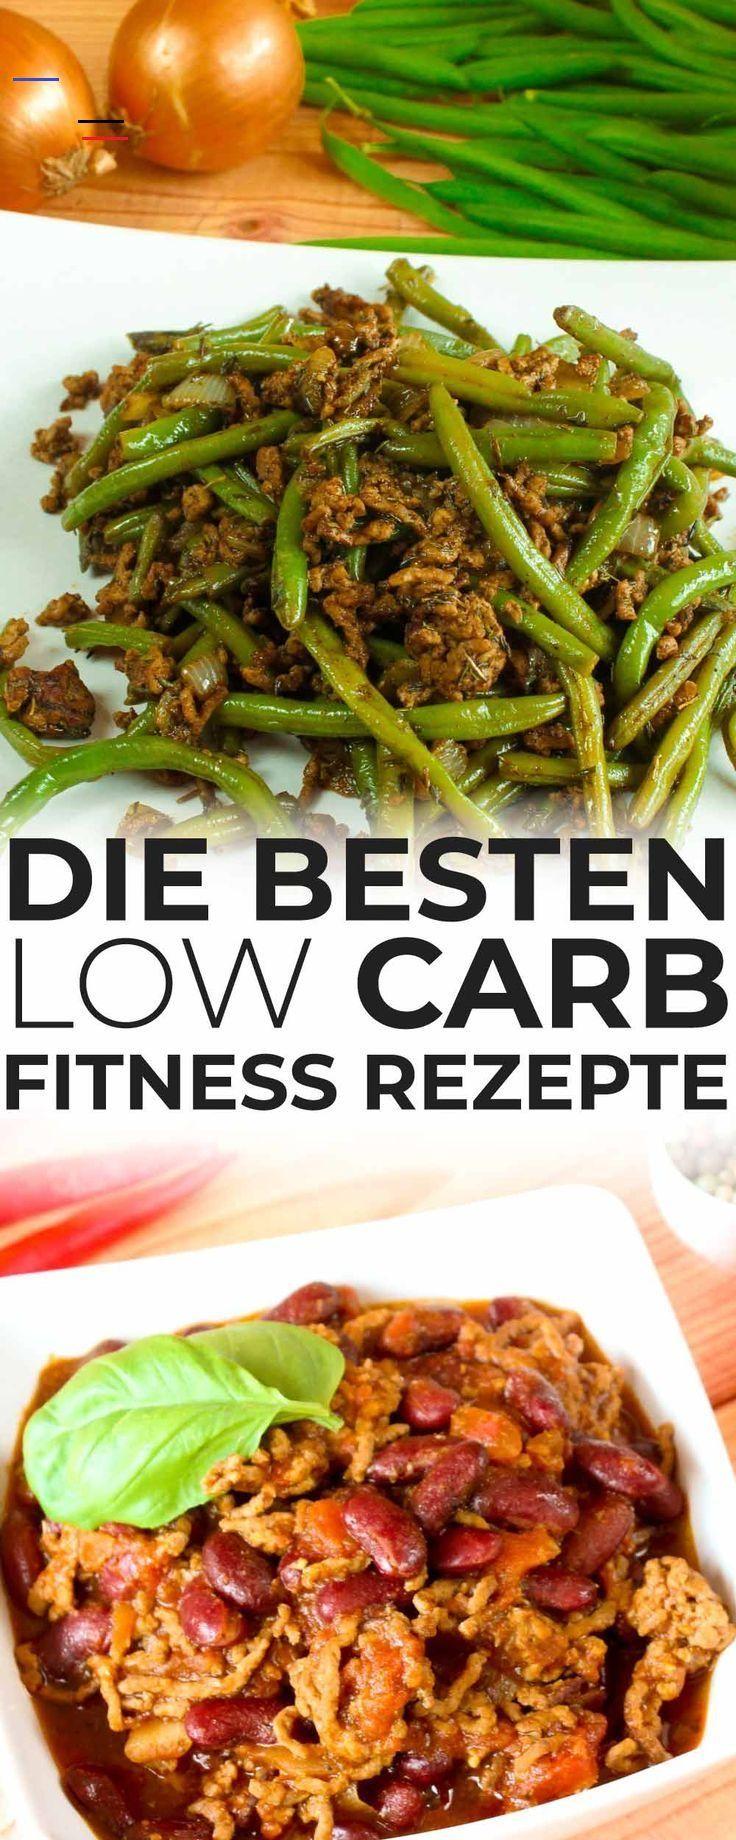 Les 13 meilleures recettes de fitness pour la construction musculaire optimale (faible teneur... Les...